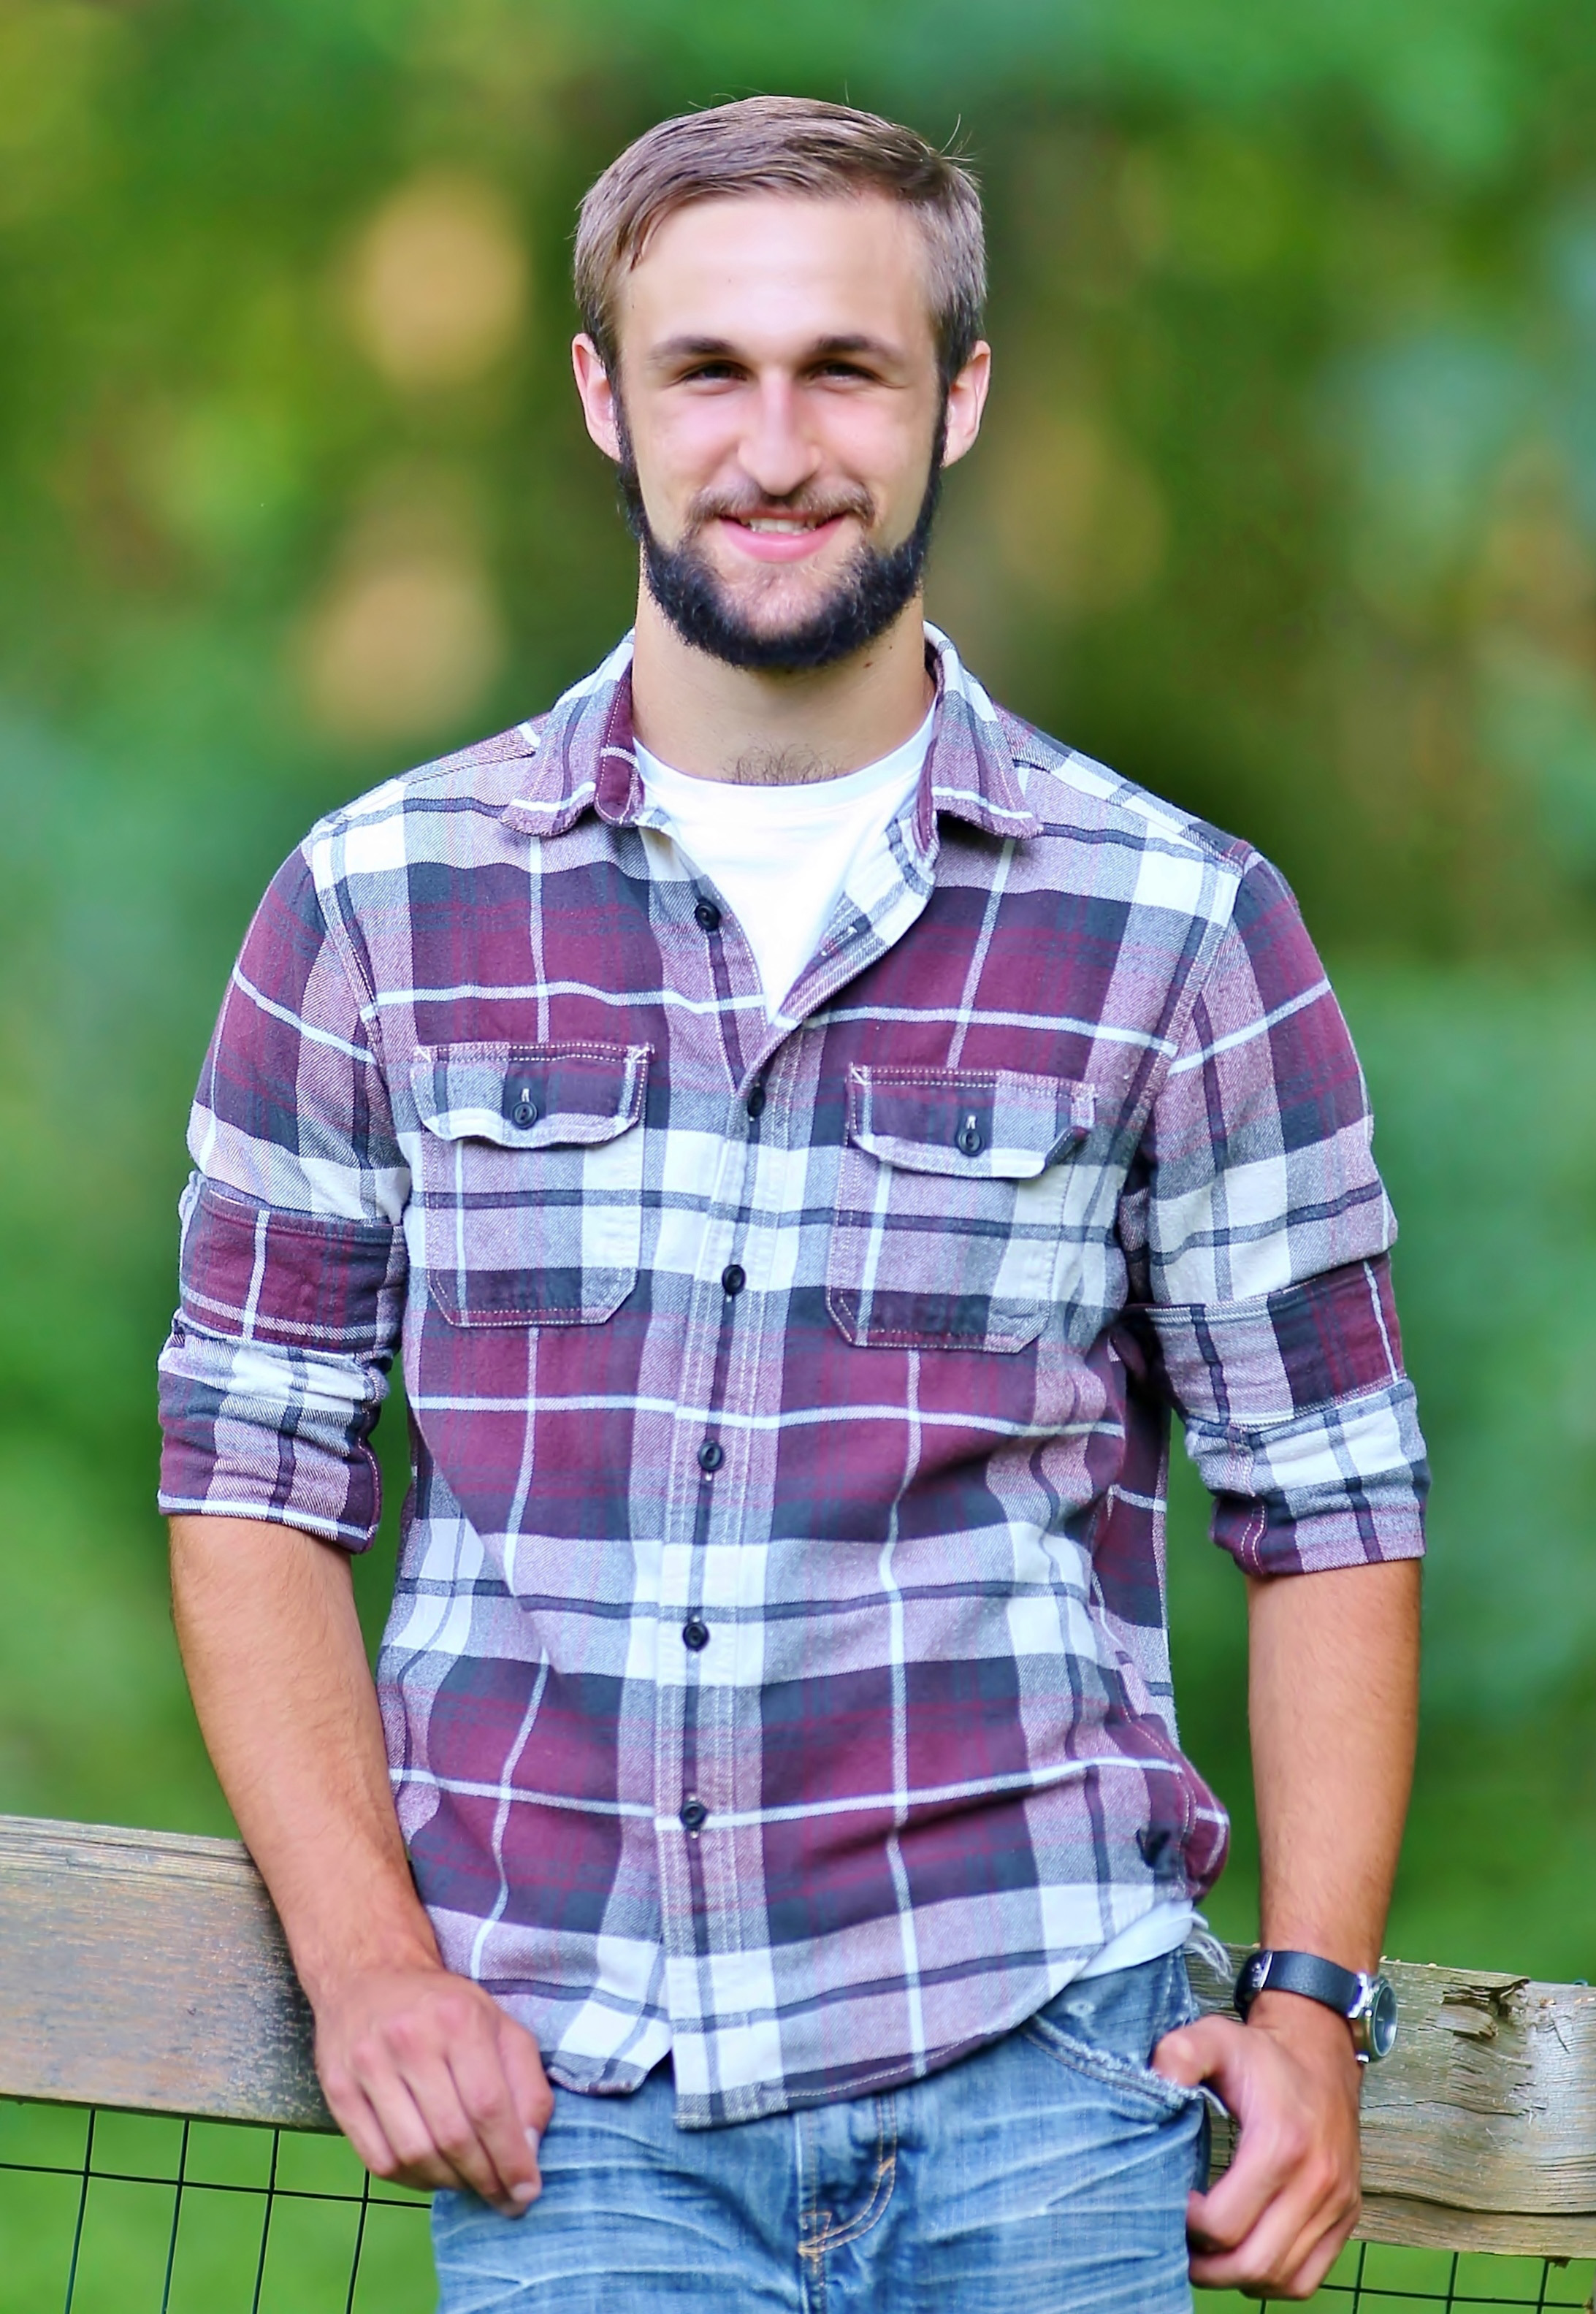 Ryan Zeppieri - 2019 Senior - Whitesboro